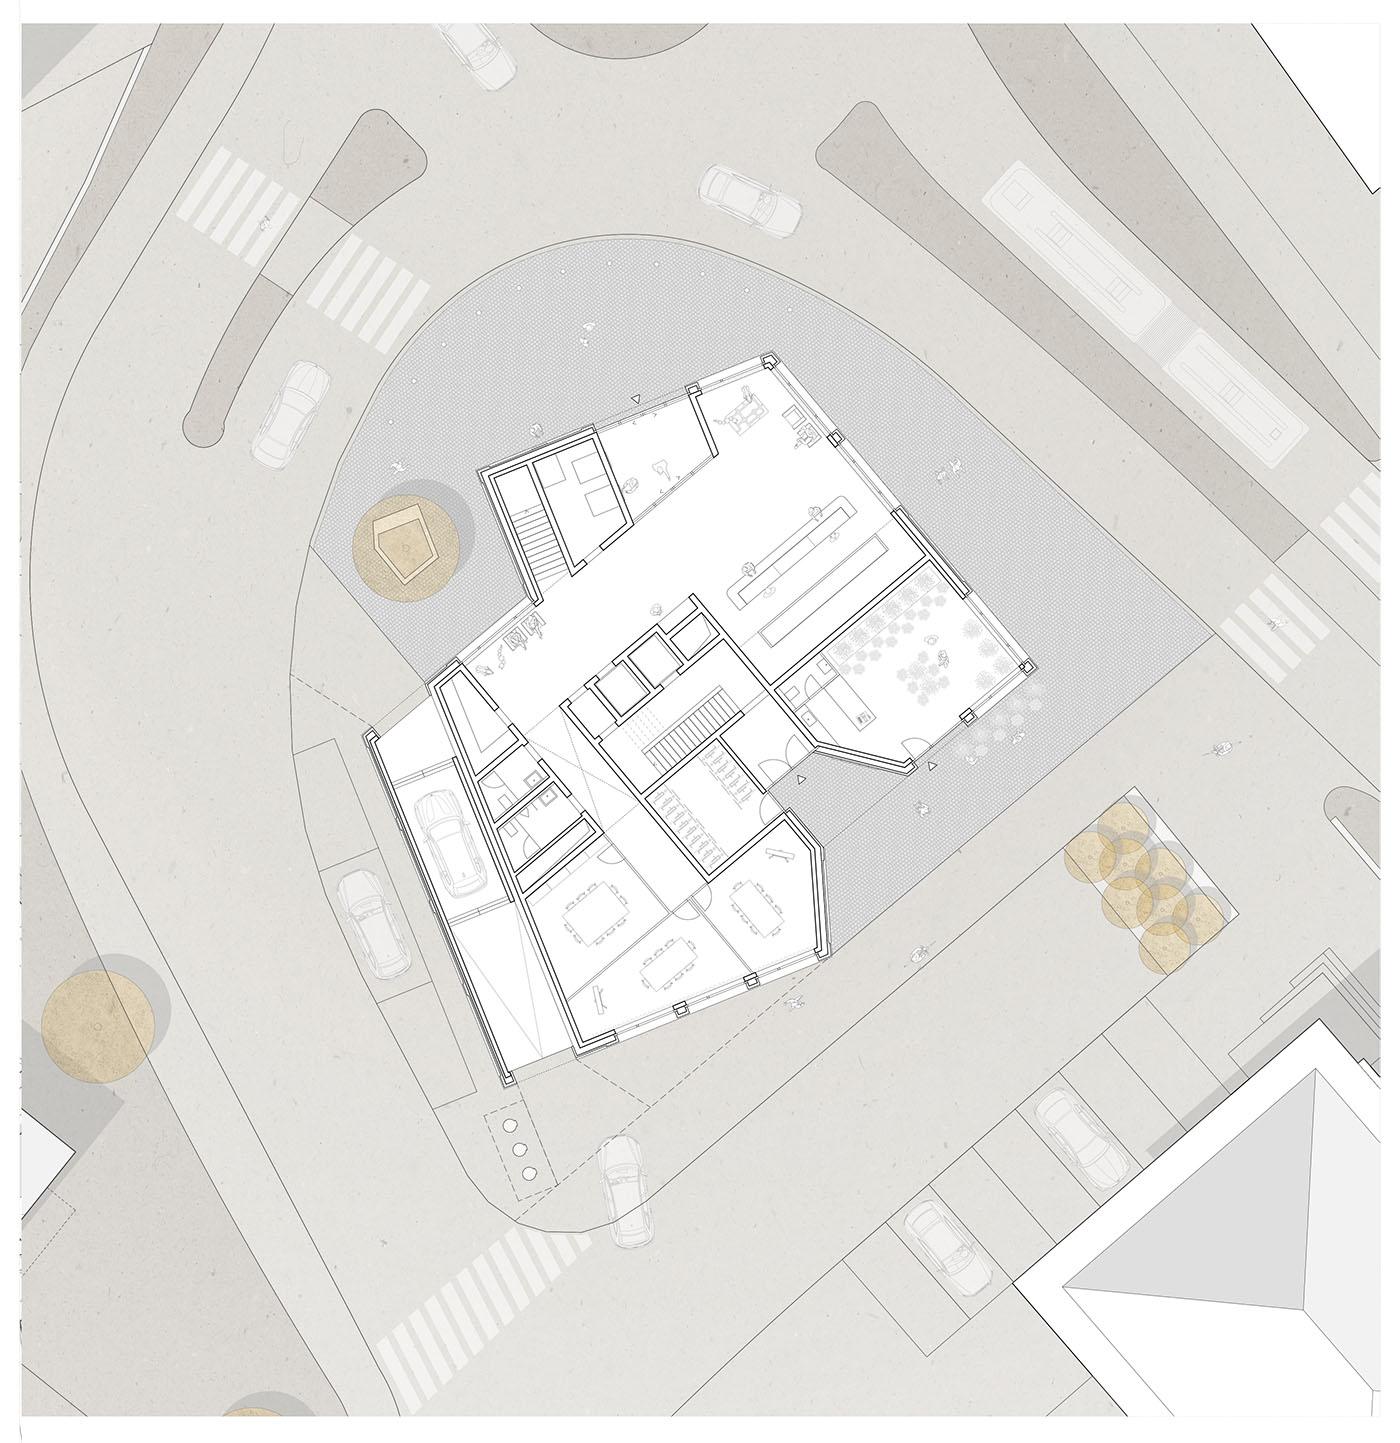 buan architekten – Studienauftrag Kanzlei-Kreisel Emmenbrücke – Grundriss Erdgeschoss